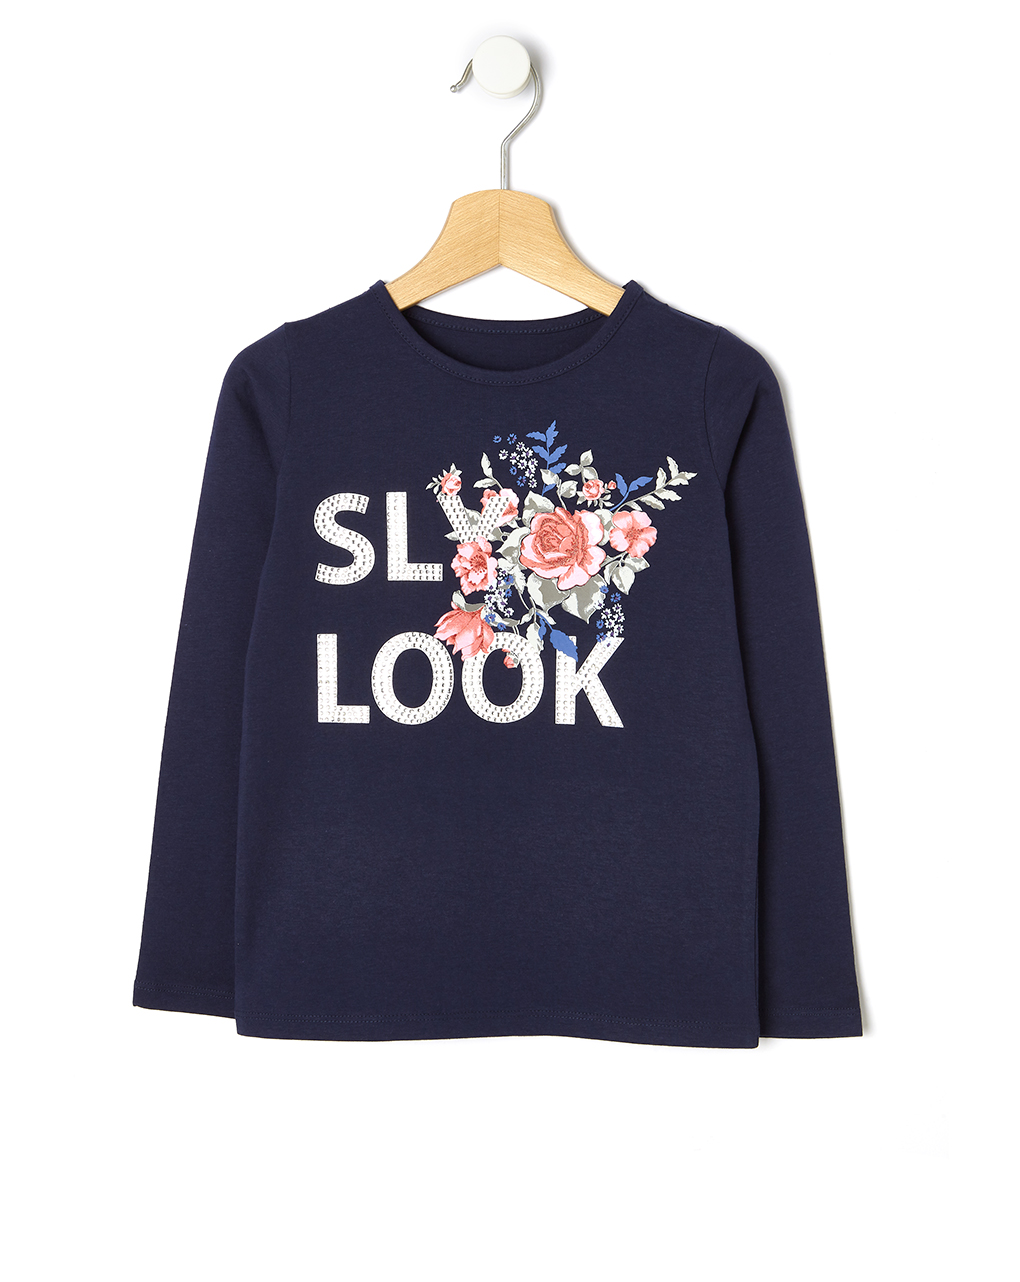 T-shirt Jersey Μπλε με Στάμπα για Κορίτσι